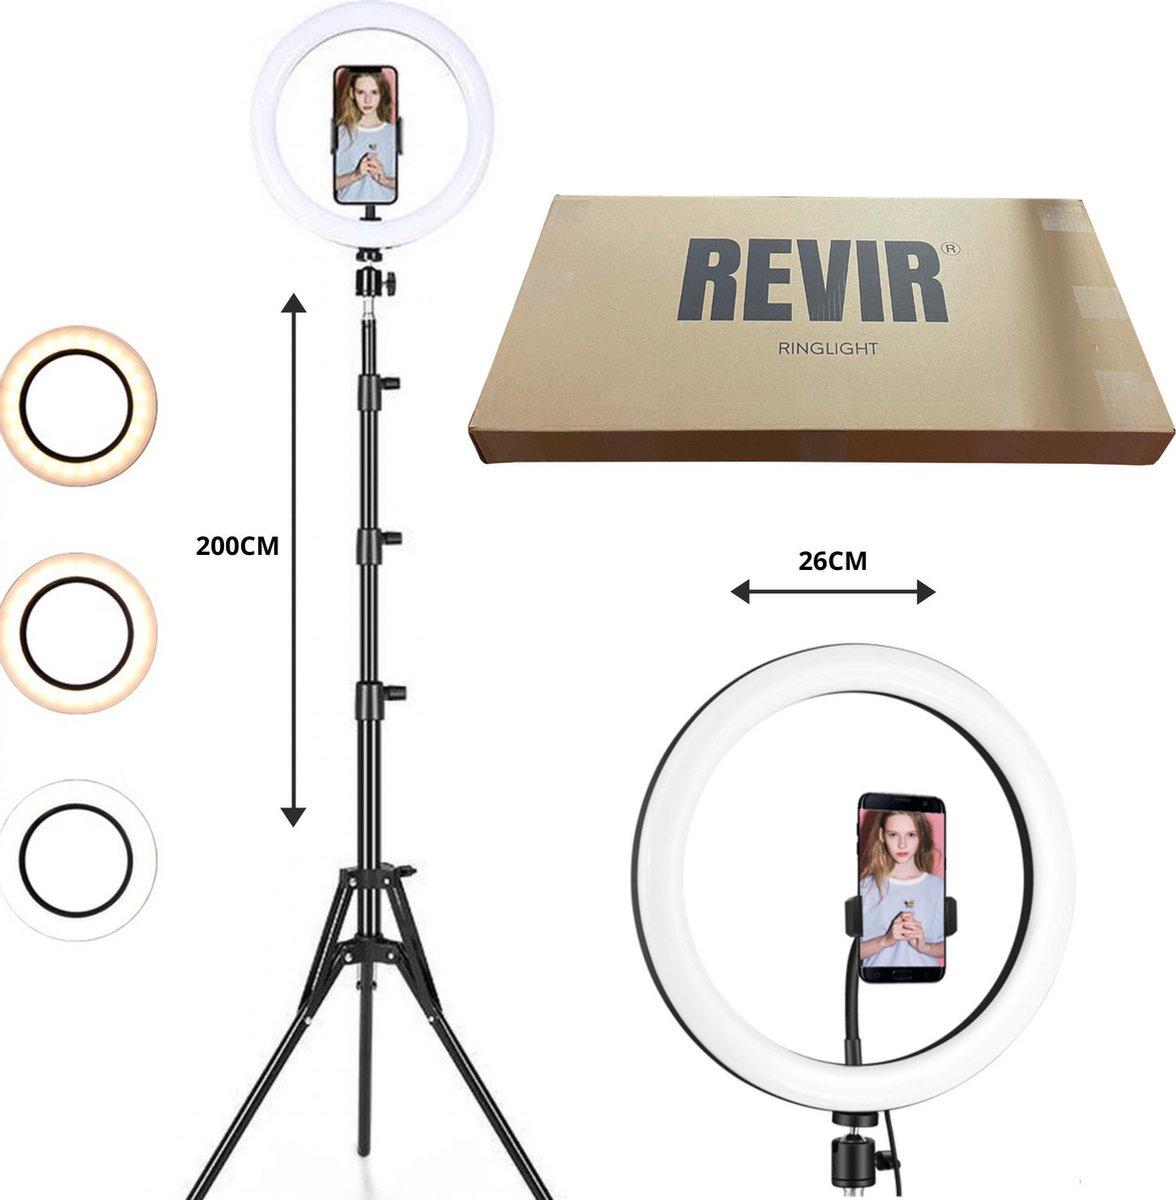 REVIR  LED Ringlamp met Statief 200 CM - Led Ringlamp USB - 10 inch/26 CM- 3 Lichtstanden - Tiktok /